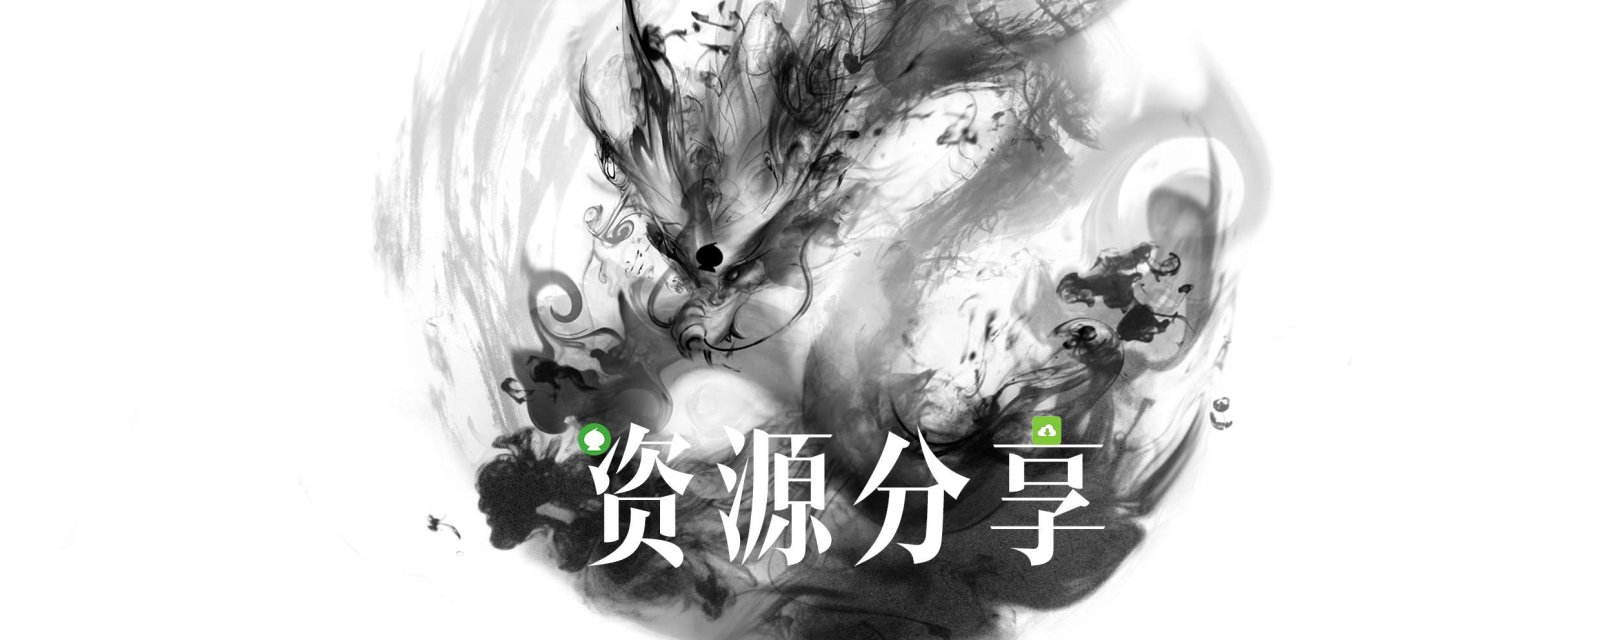 【资源分享】海报制作-爱小助